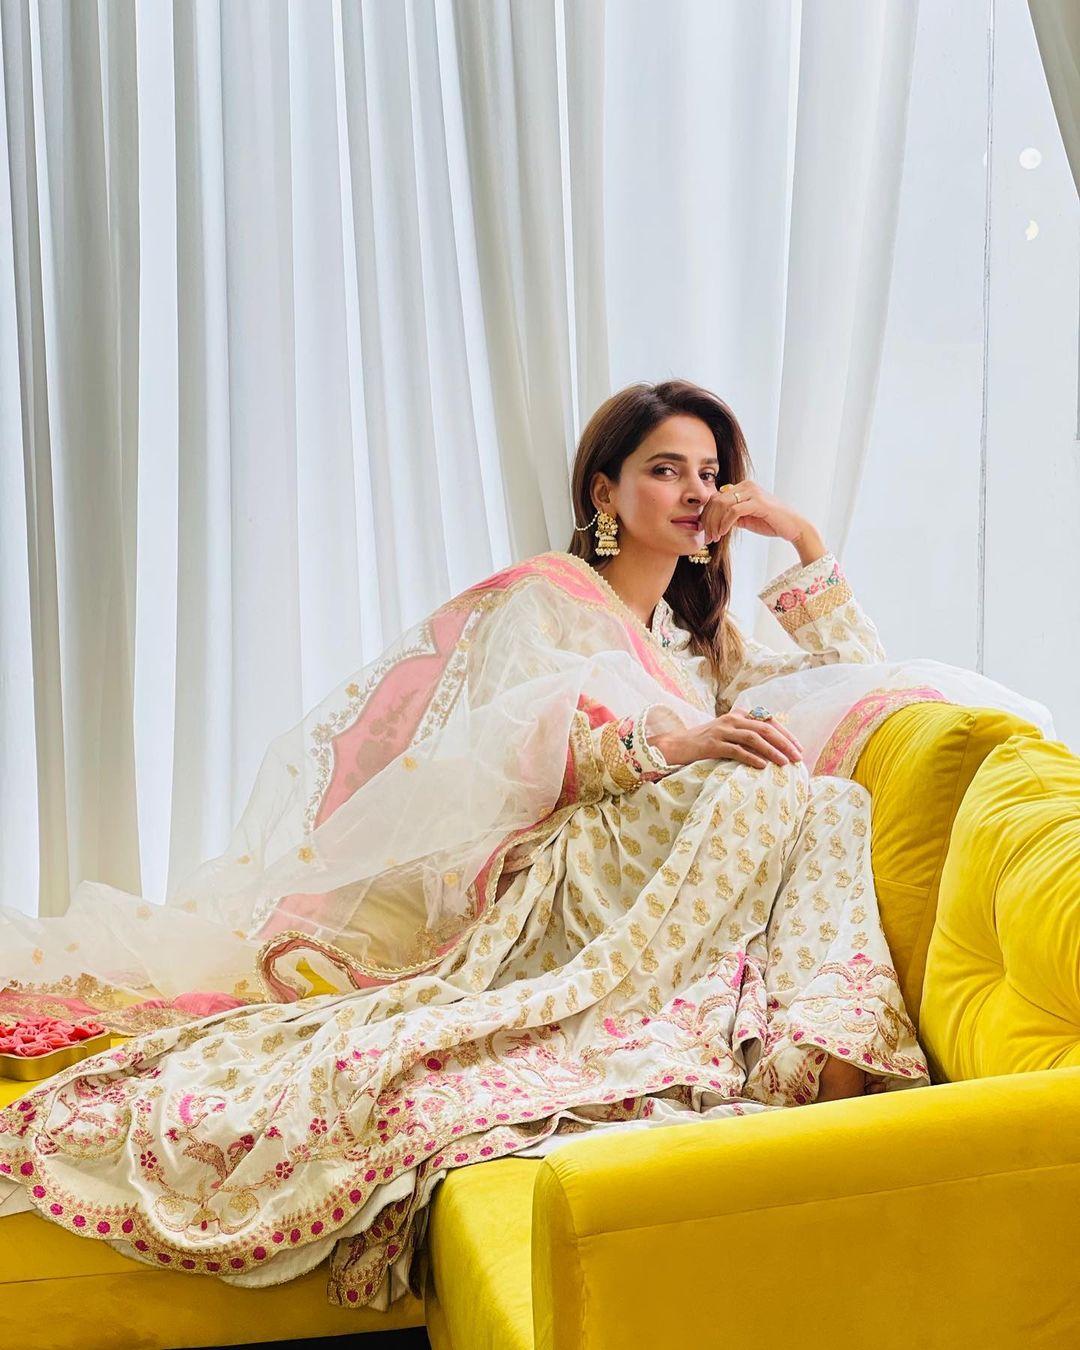 Saba Qamar Coming Back in 'Tumhare Husn Ke Naam' Drama - DramaSpice